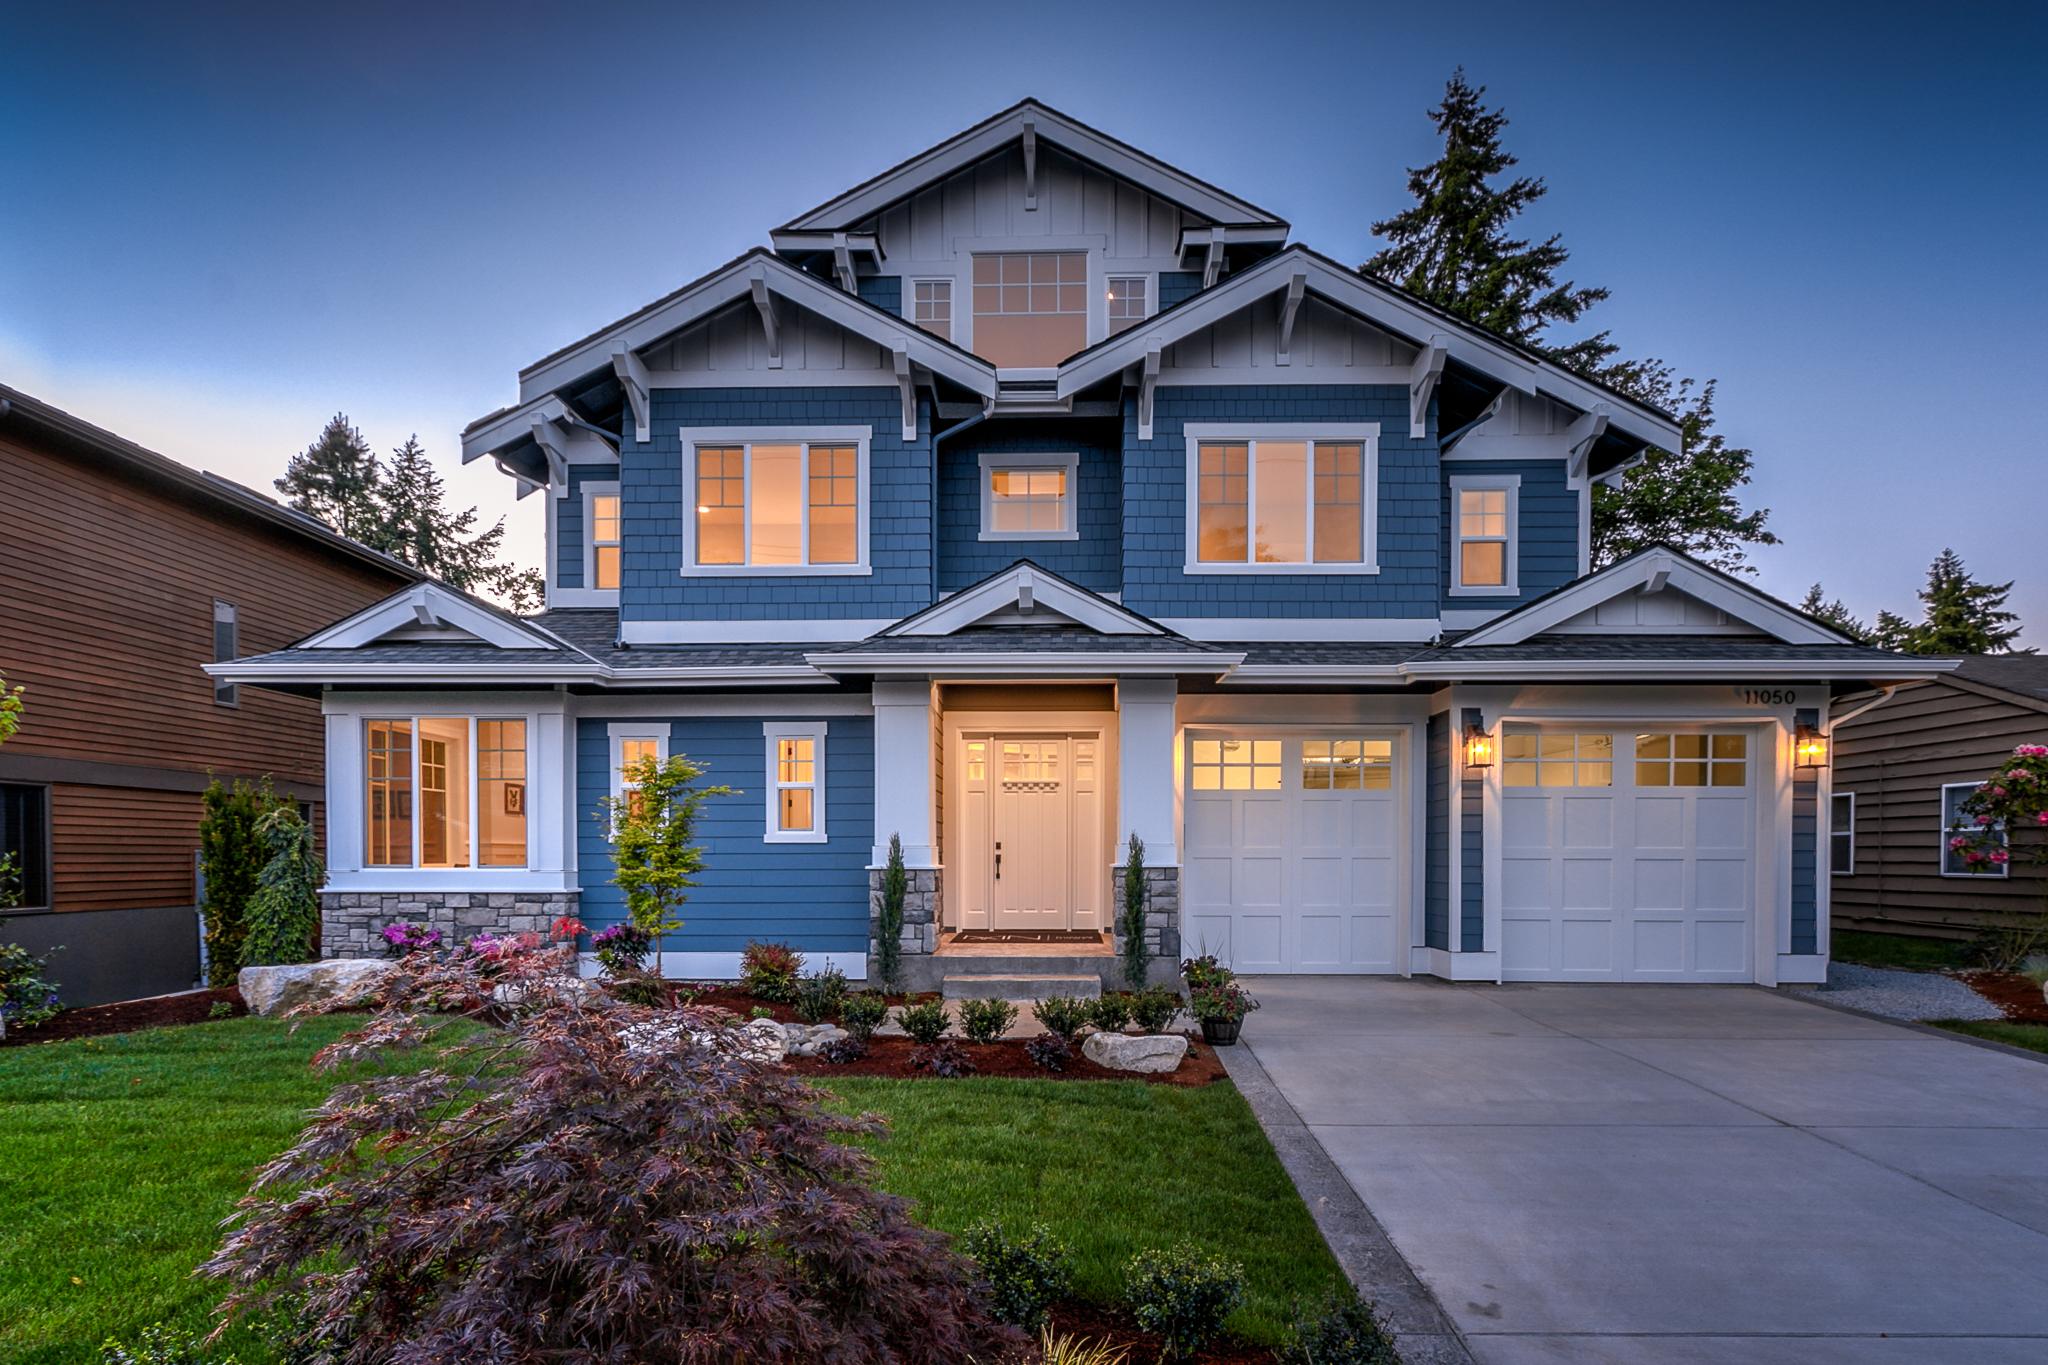 11050 SE 30th Street | Bellevue